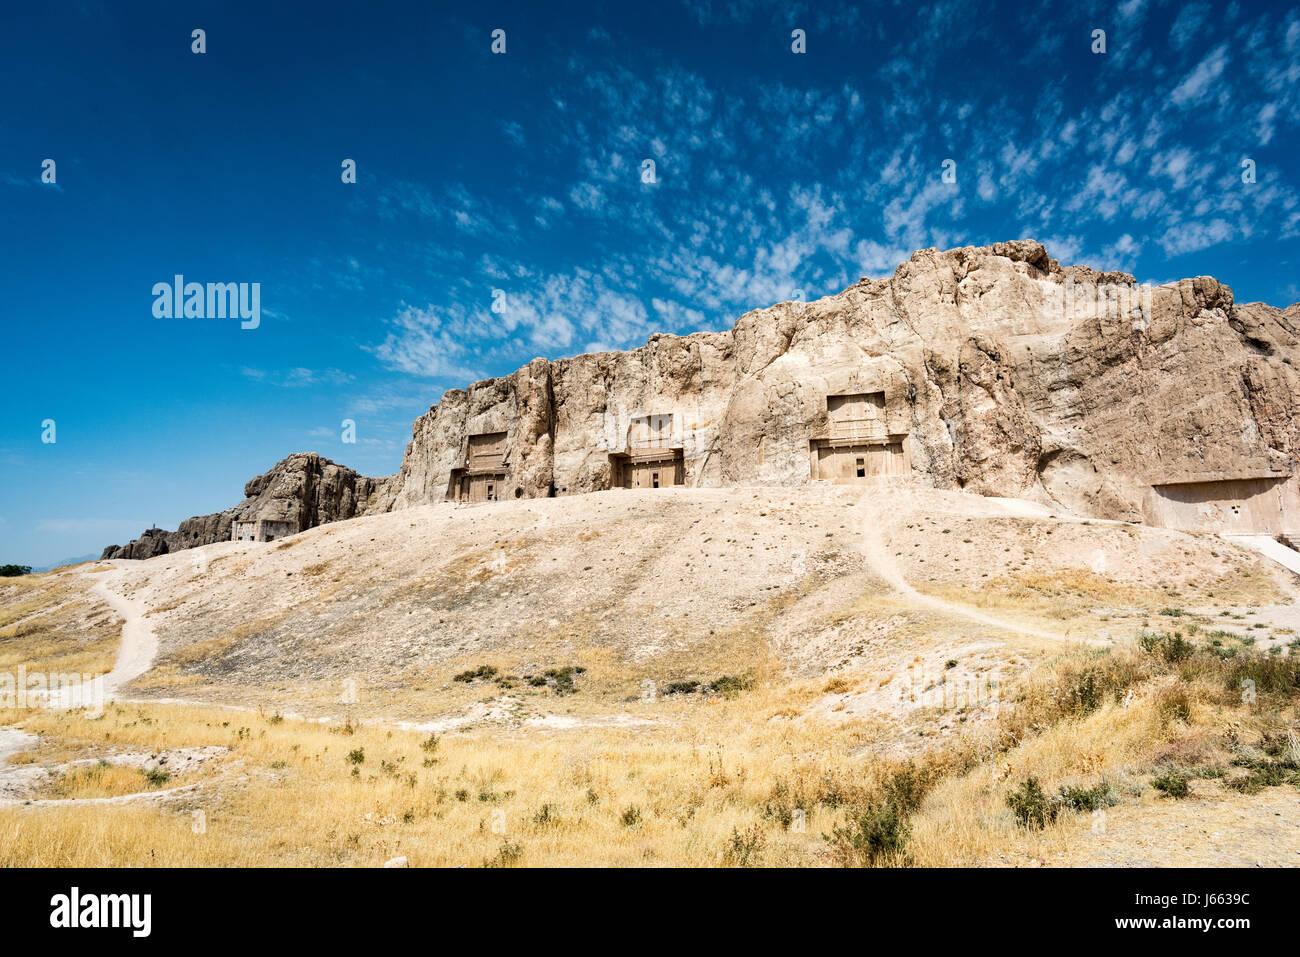 Stone tombs of the Persian Kings at Necropolis, Shiraz, Iran - Stock Image